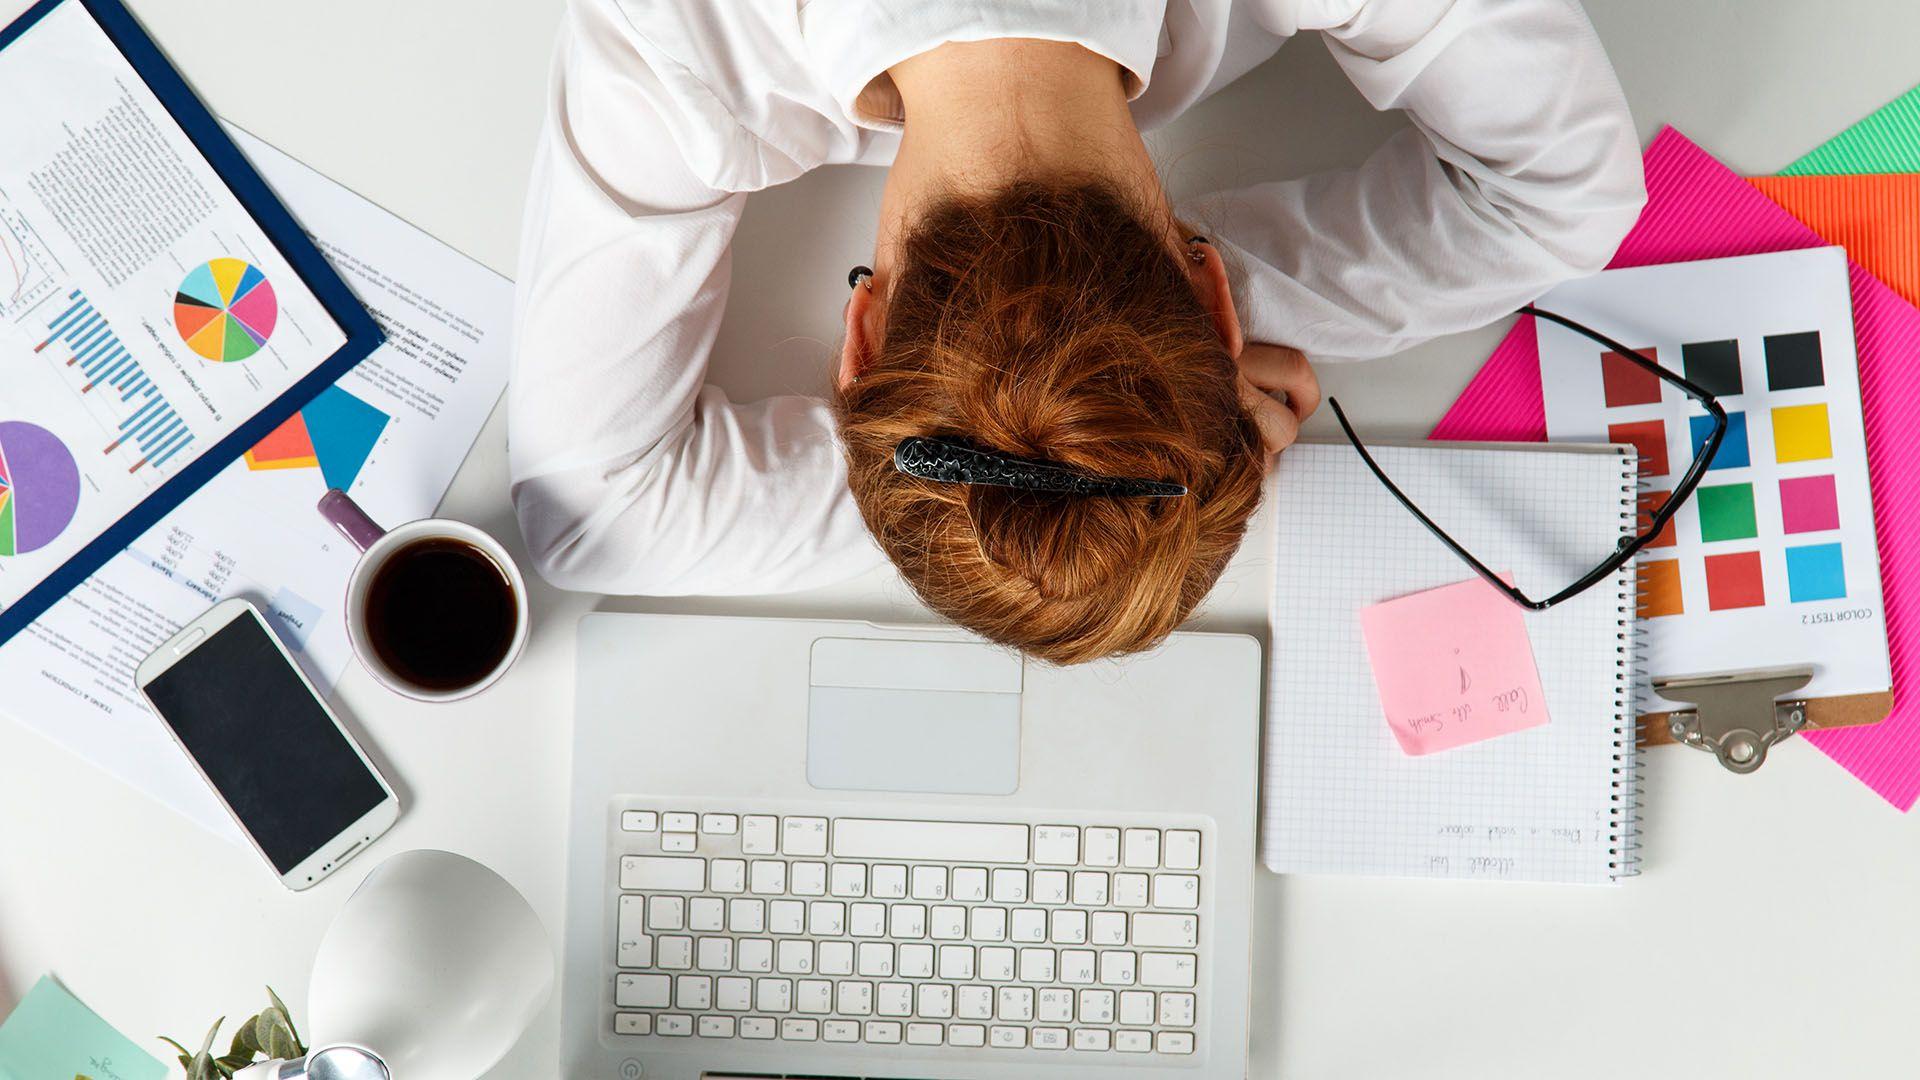 Las mujeres están más agotadas, apáticas y presentan mayores niveles de ansiedad, somatizaciones y depresión que los hombres (Shutterstock)